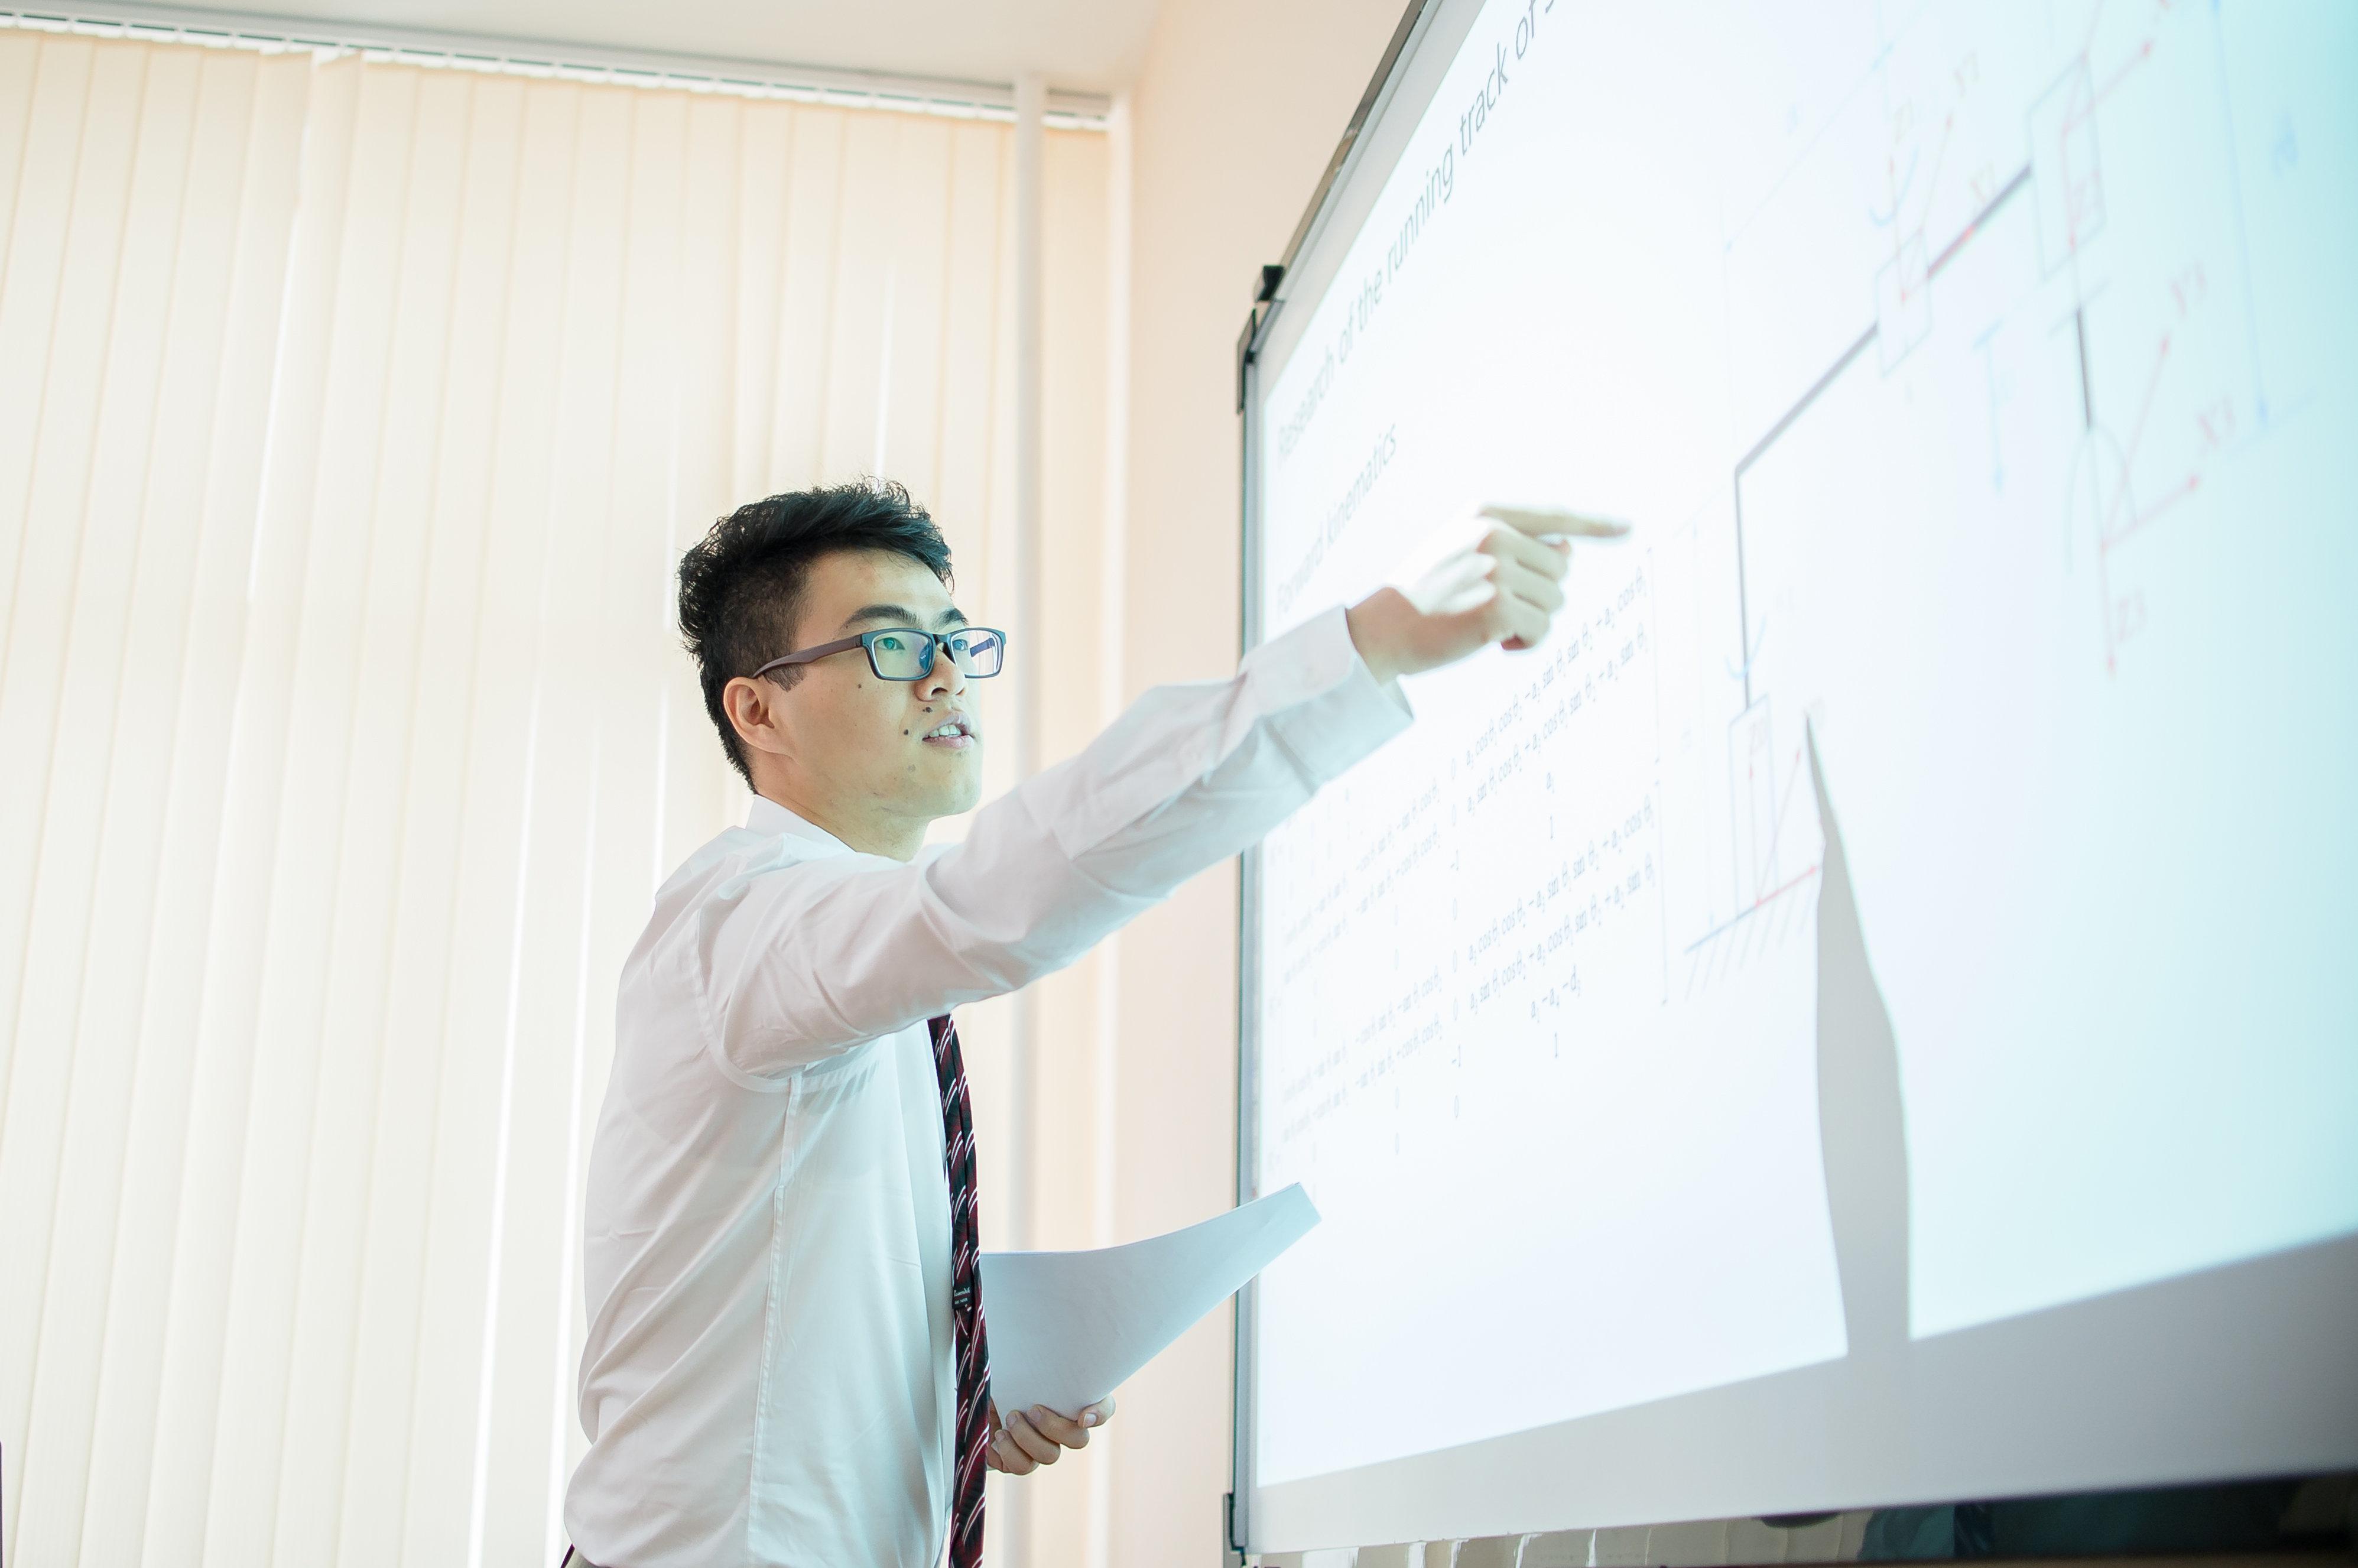 到烏拉爾拿文憑:留學生可選專業